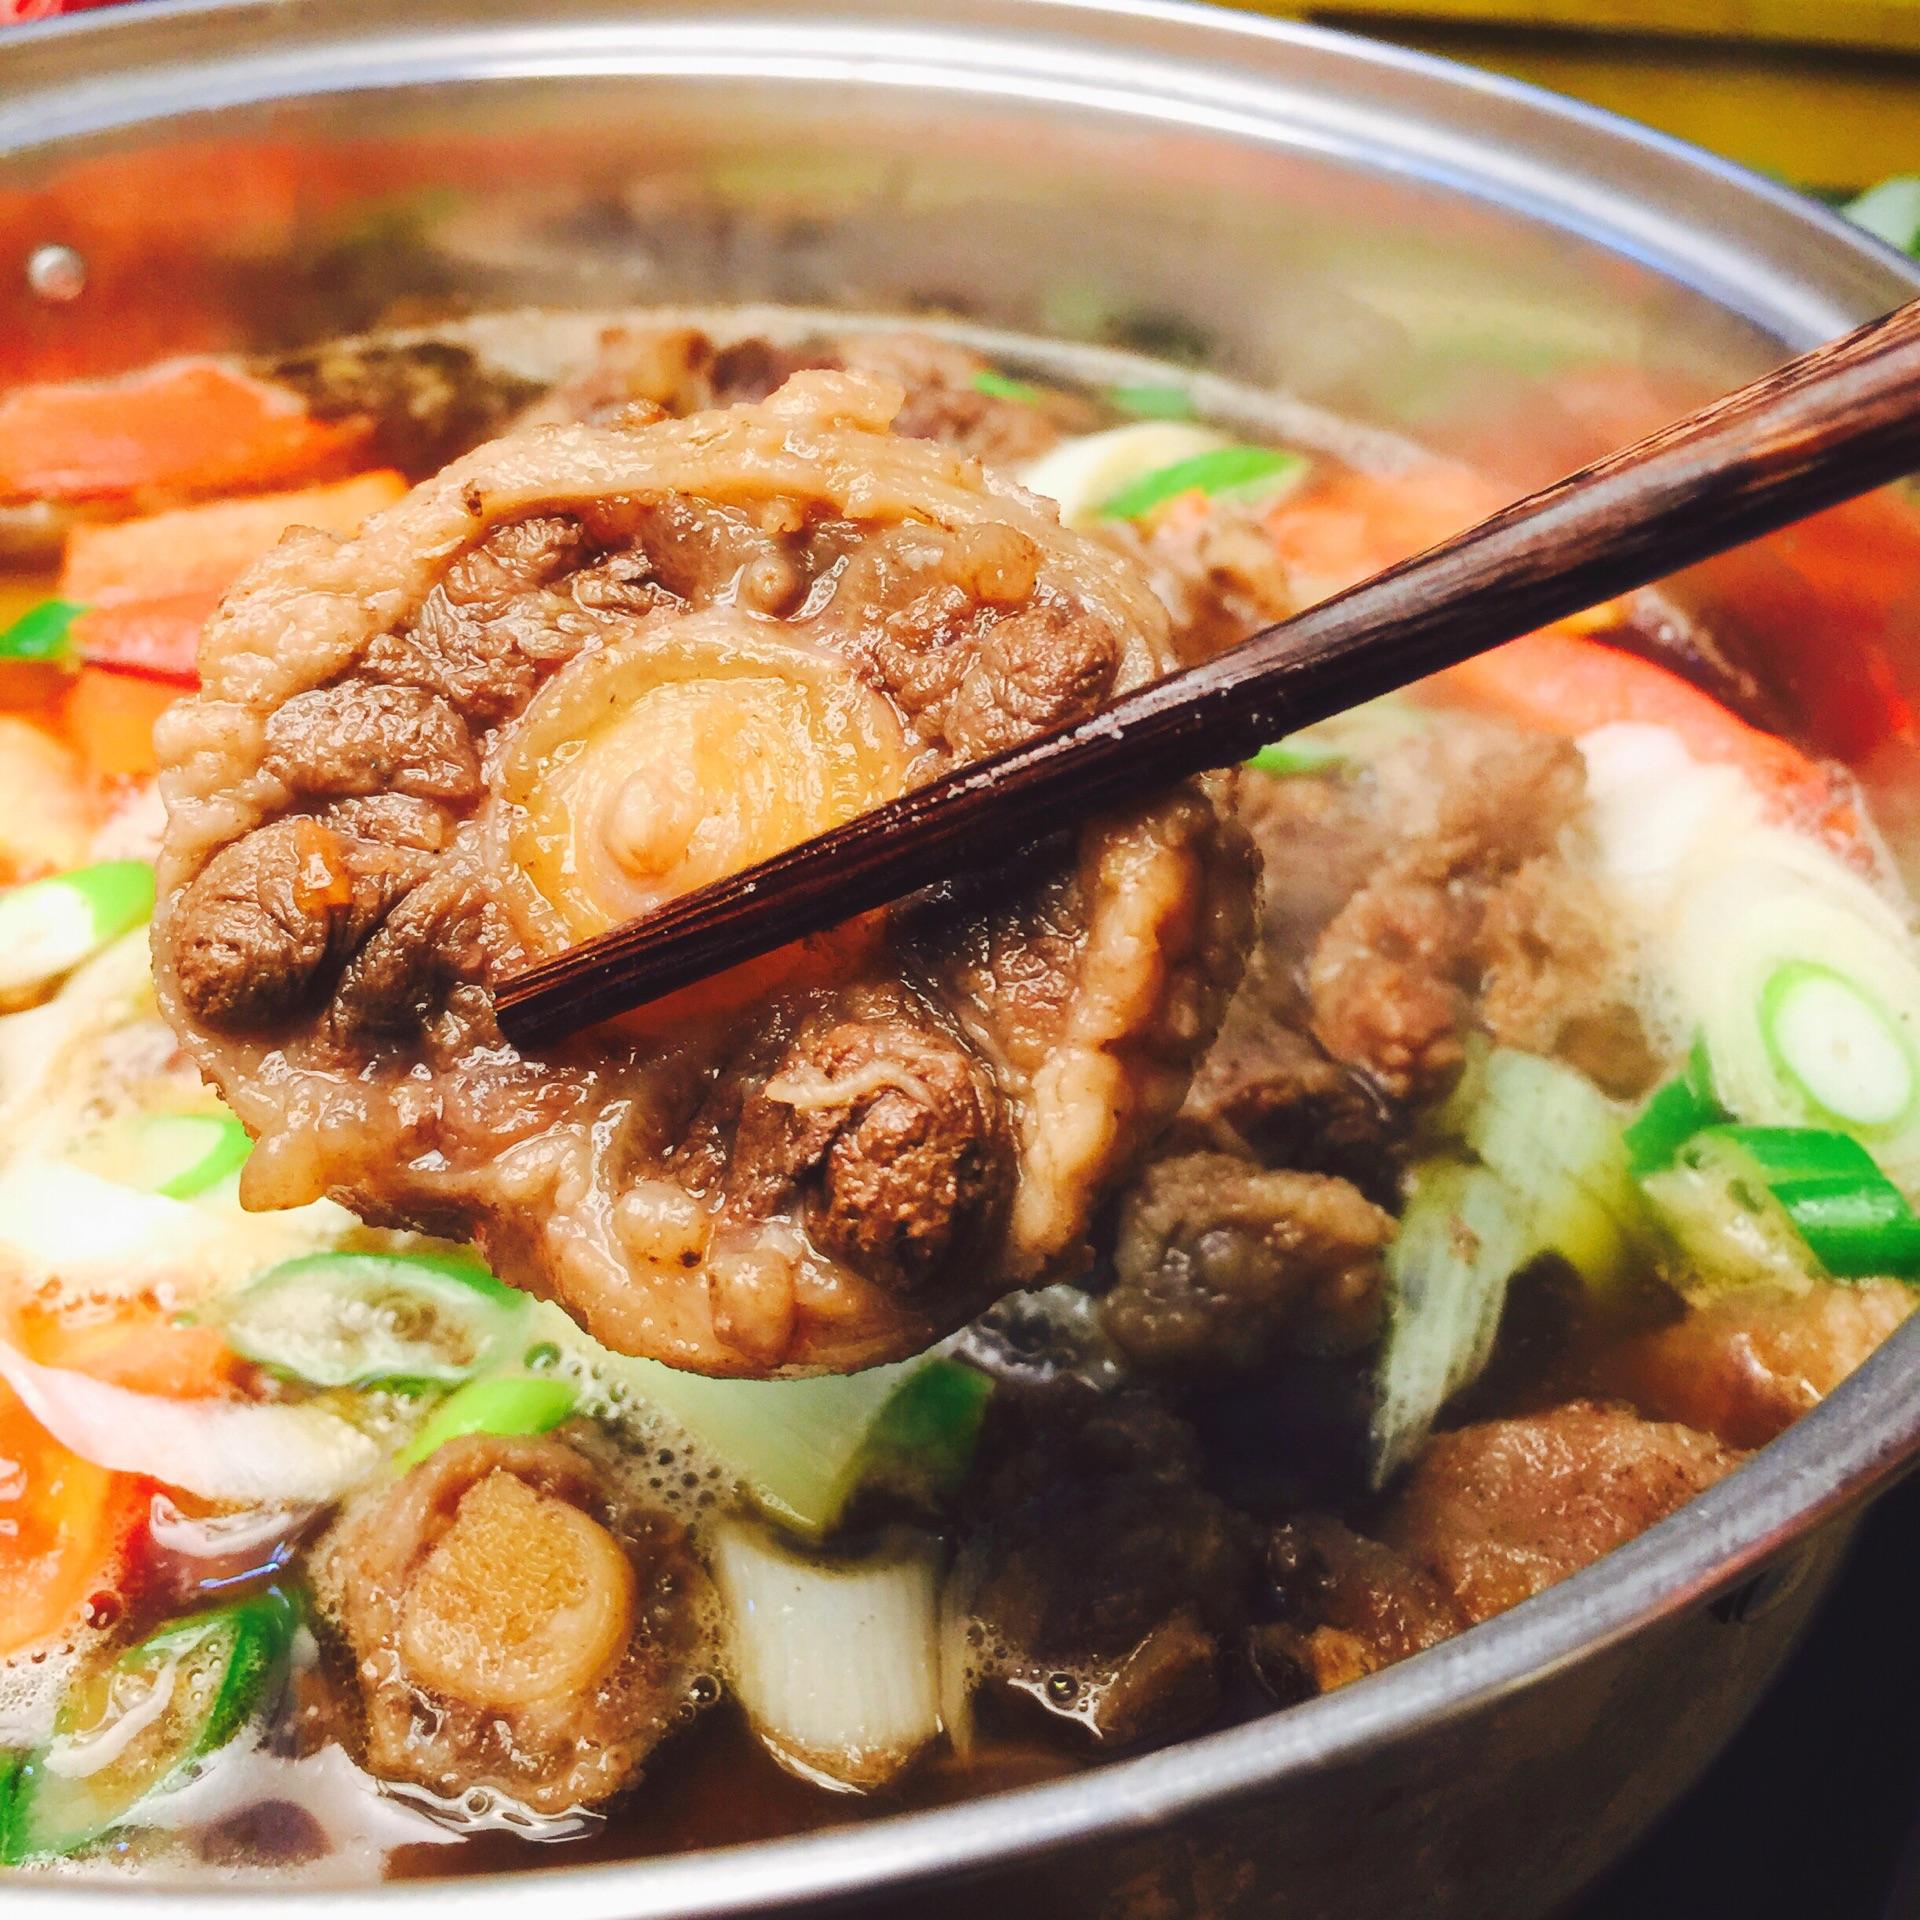 美食牛尾菜谱冬天里的一把火的火锅_就是_豆果做法买的新鲜的基围虾当天不吃怎么v美食图片